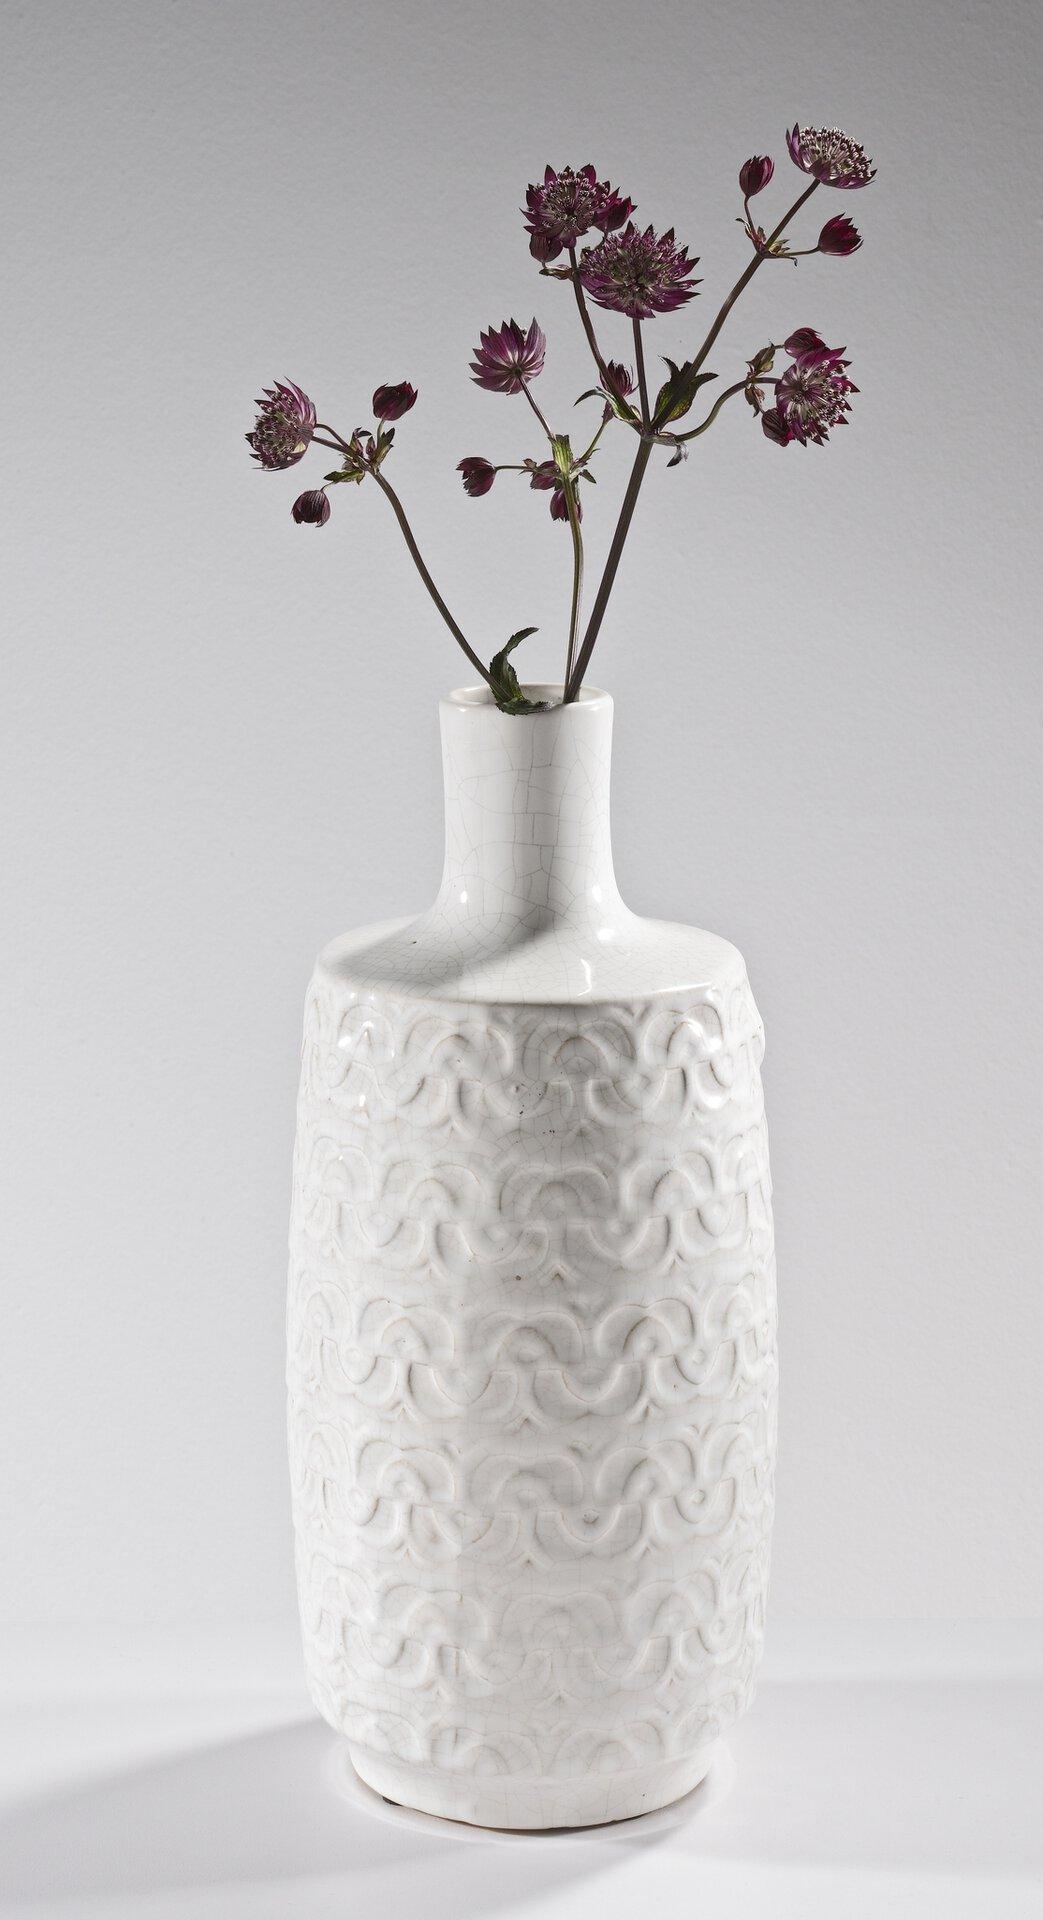 Vase 185108 Casa Nova Keramik 35 x